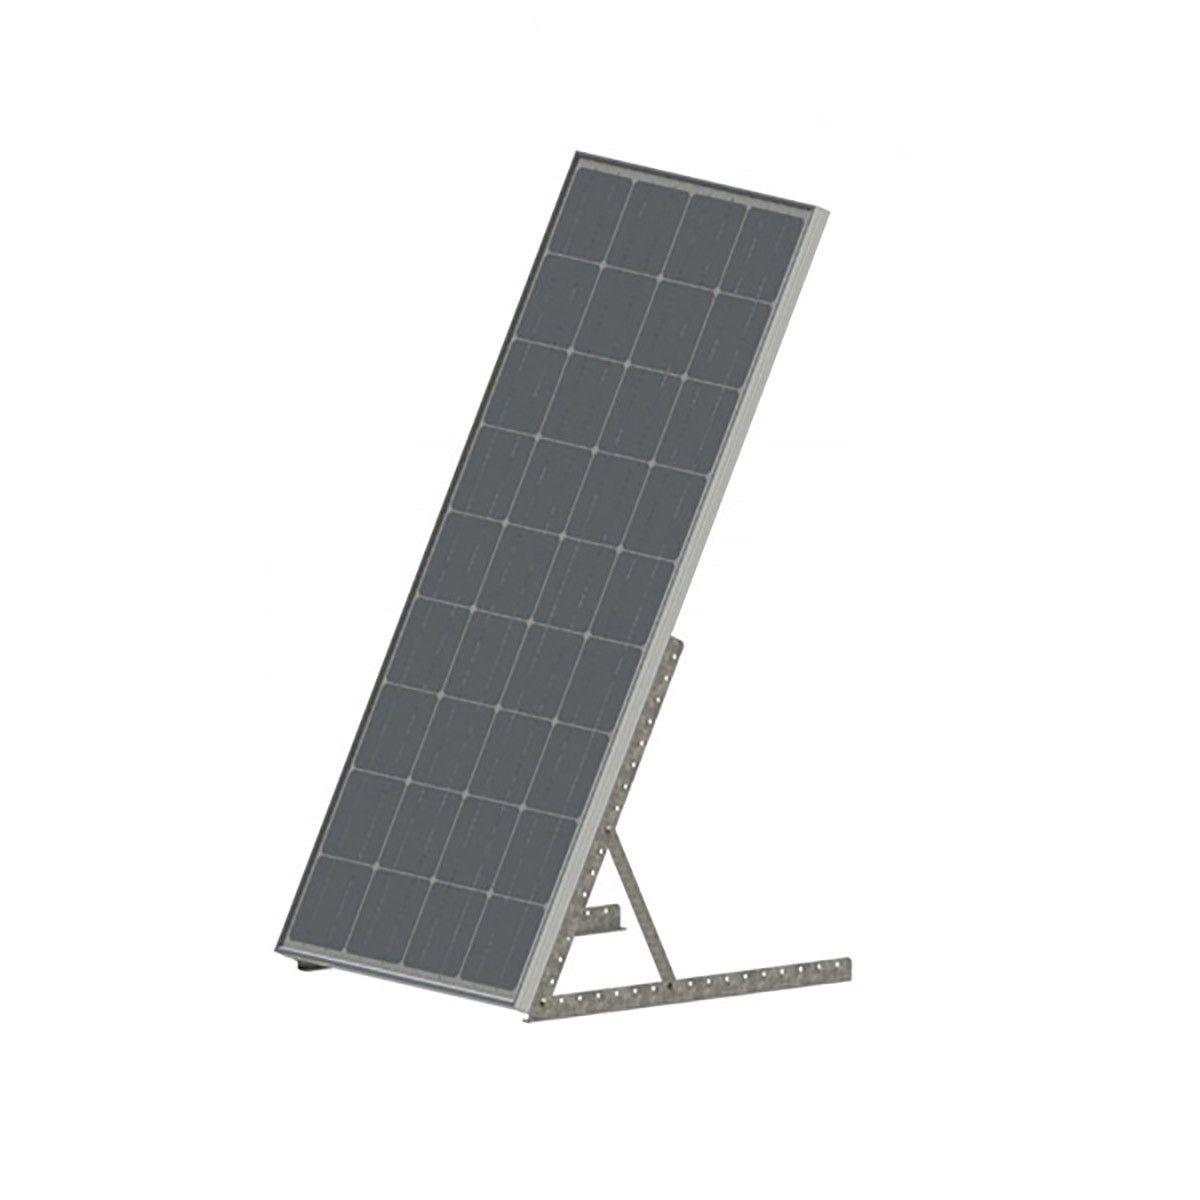 fixation unifix 100b pour panneau solaire 30w 80w. Black Bedroom Furniture Sets. Home Design Ideas